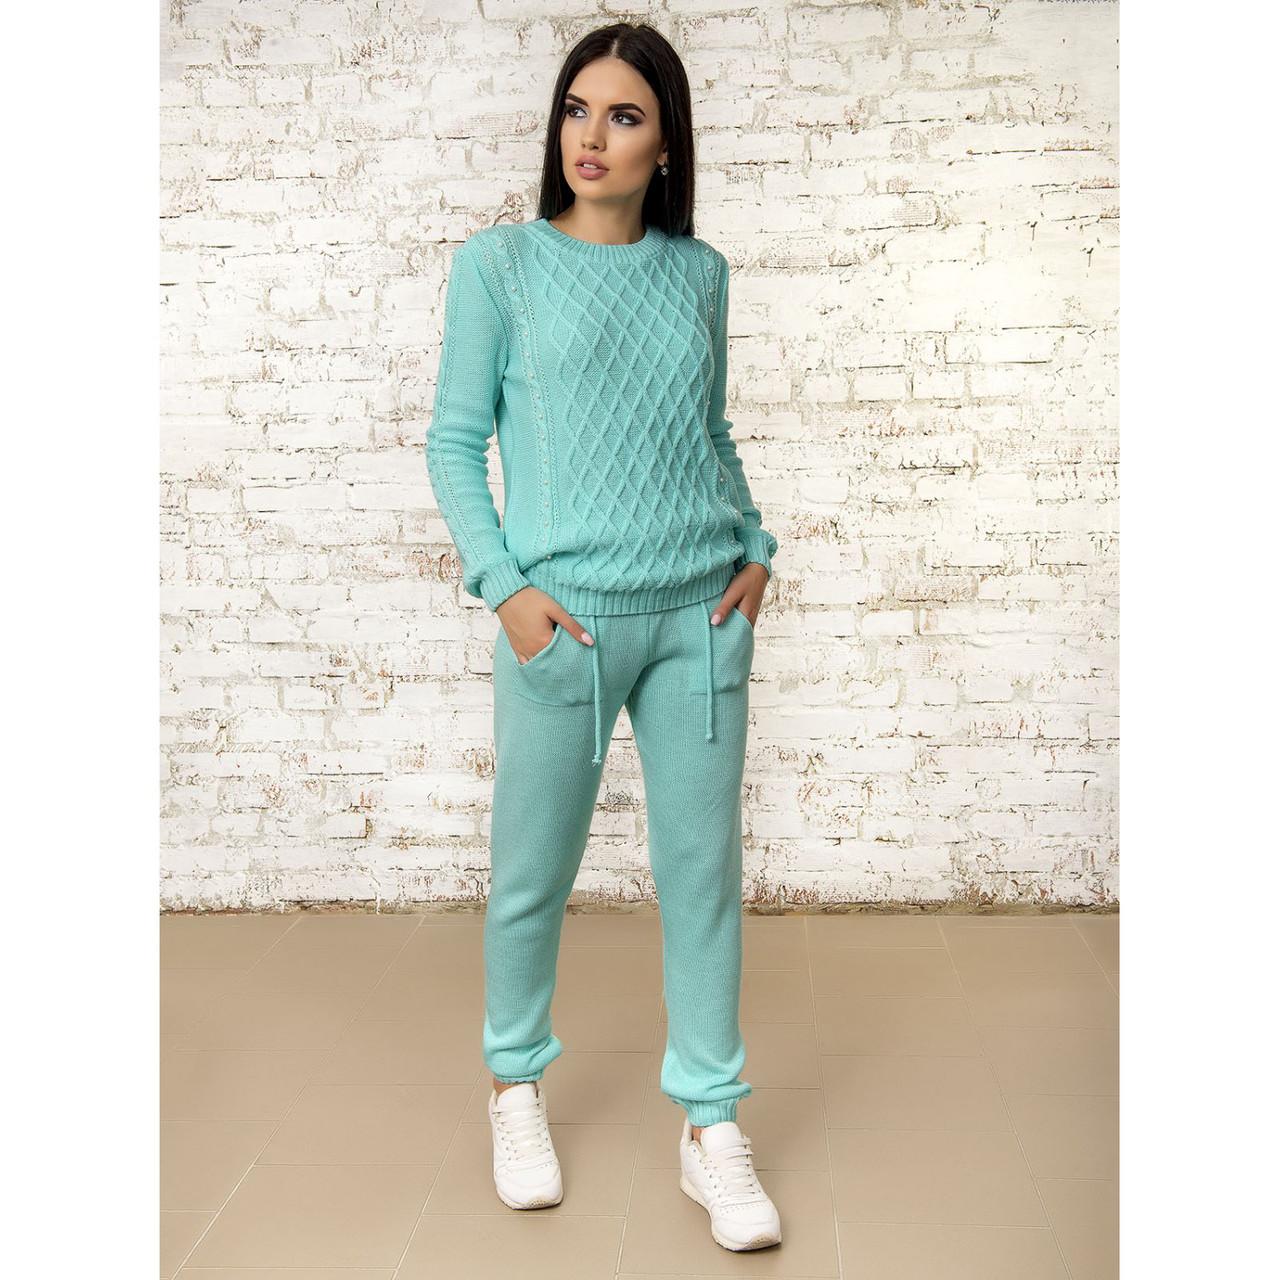 Легкий вязаный костюм 42-44-46 размер 5цветов